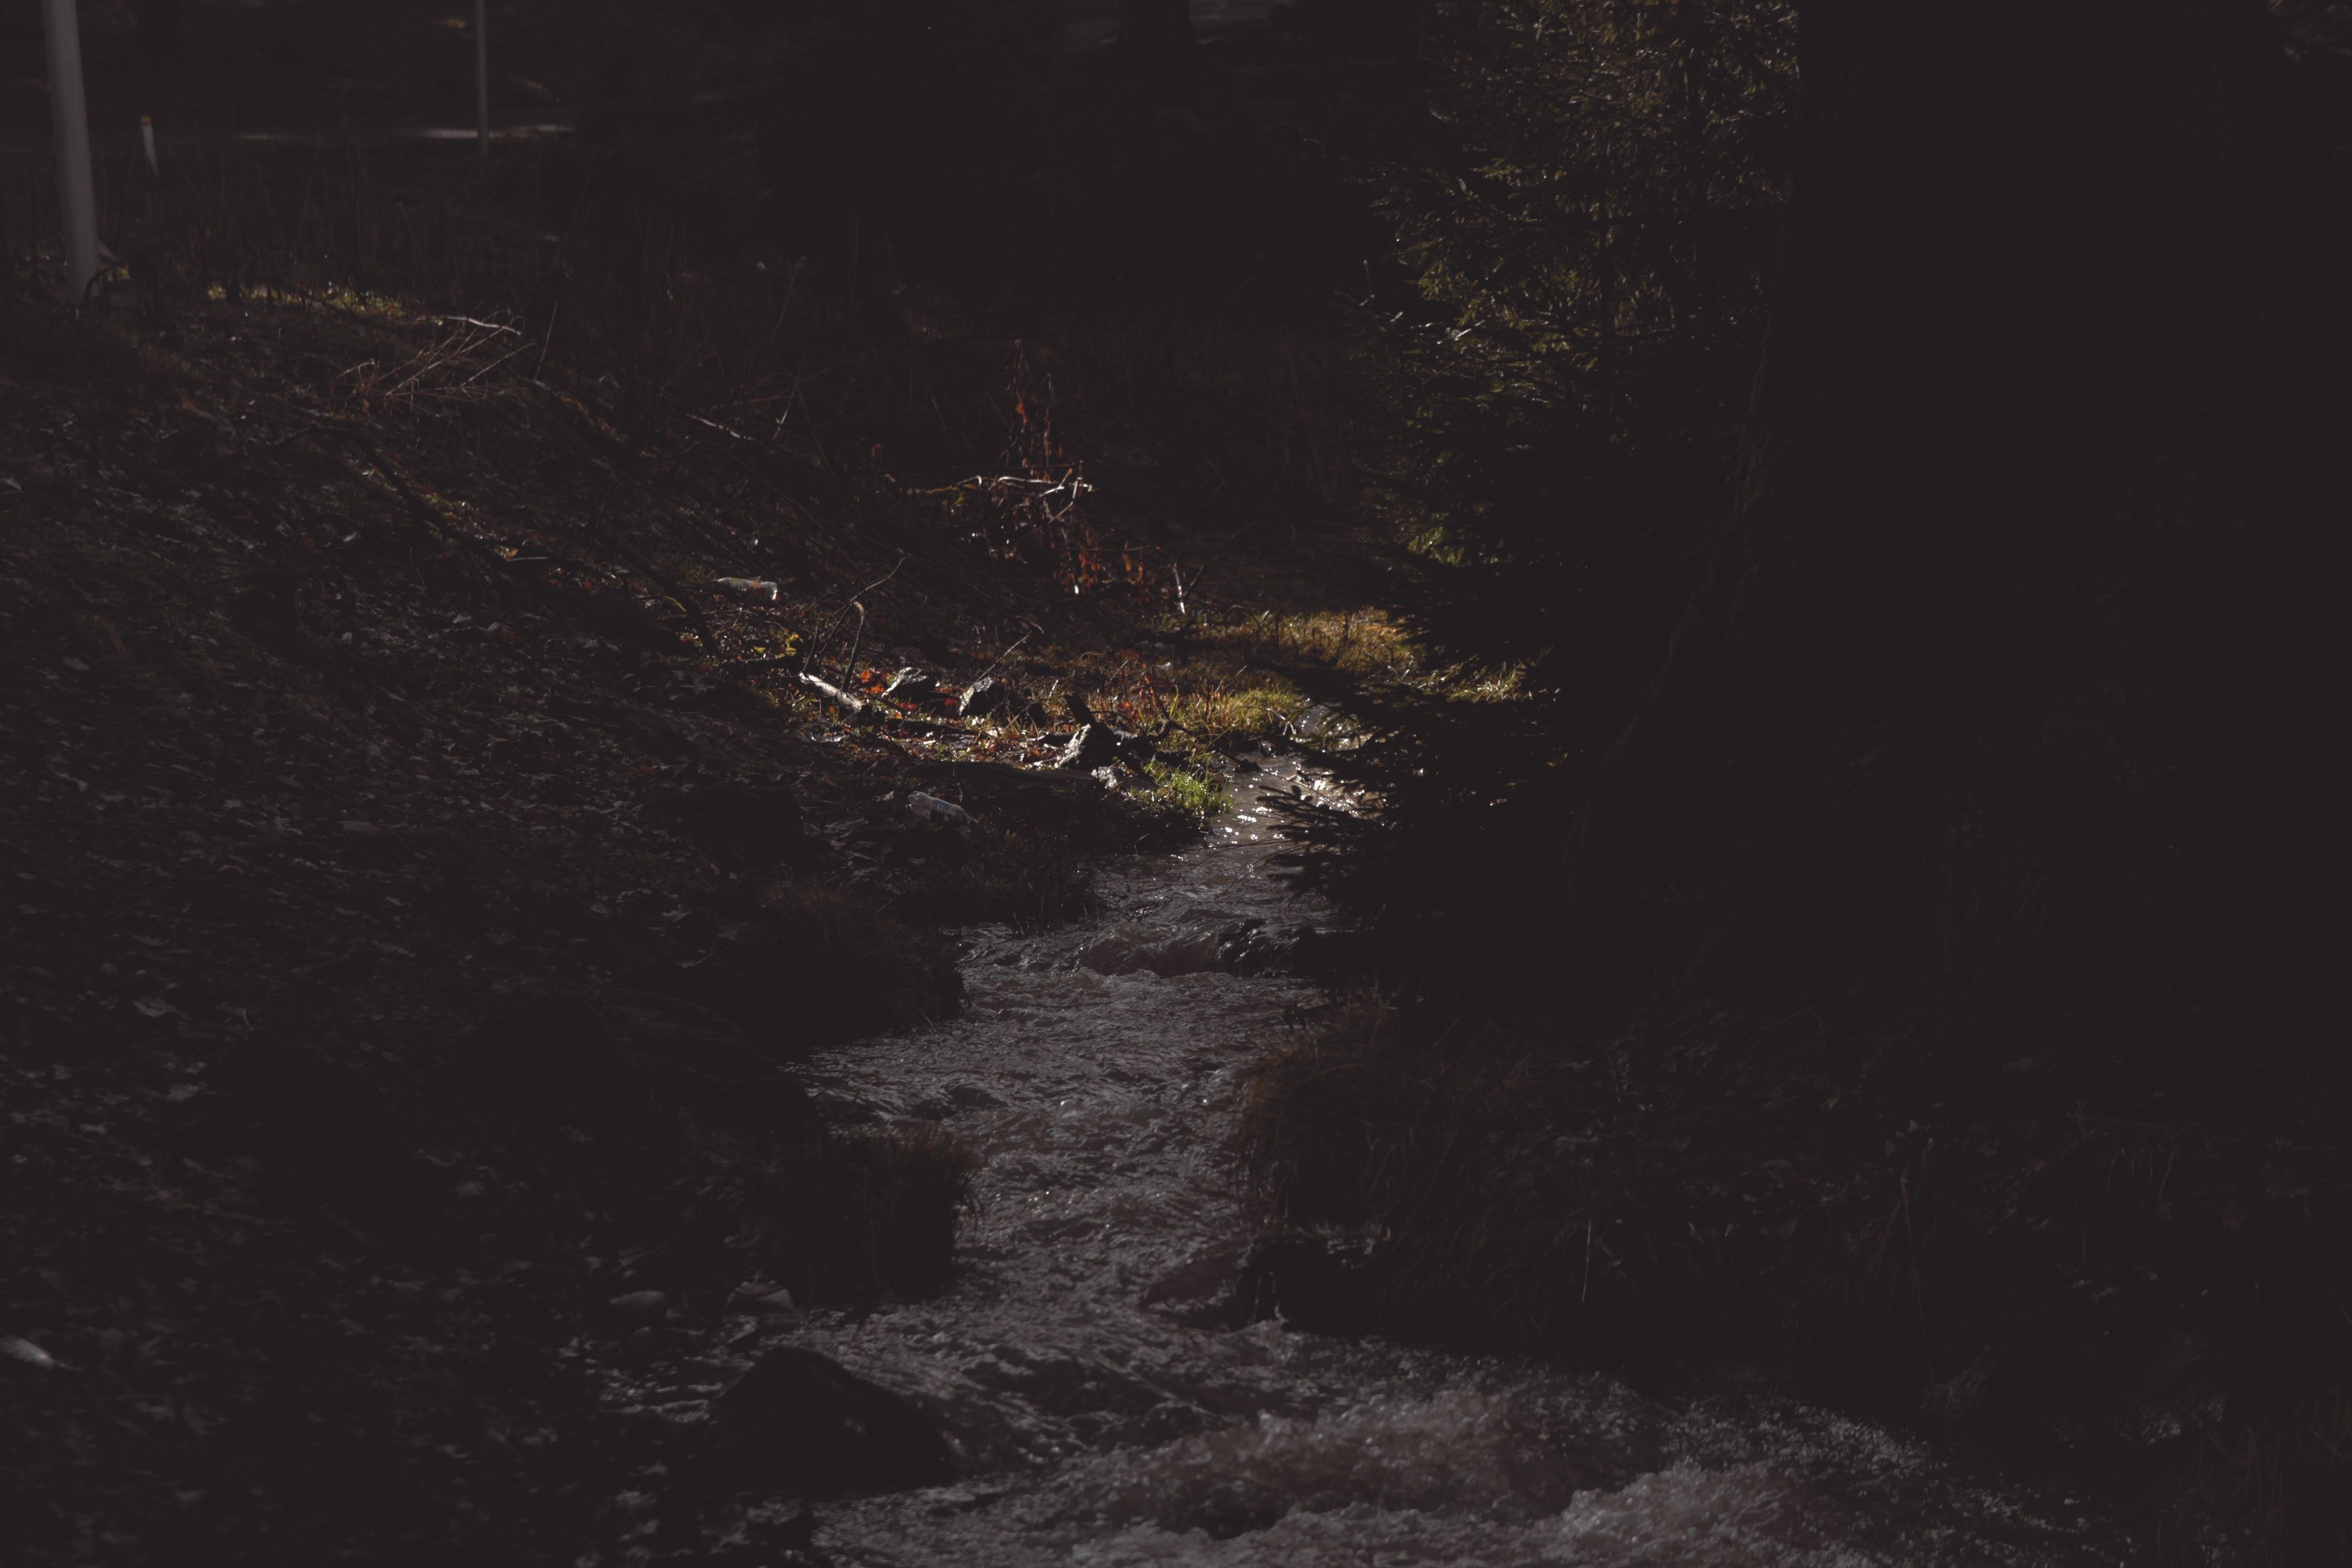 Photo of Footpath Between Trees